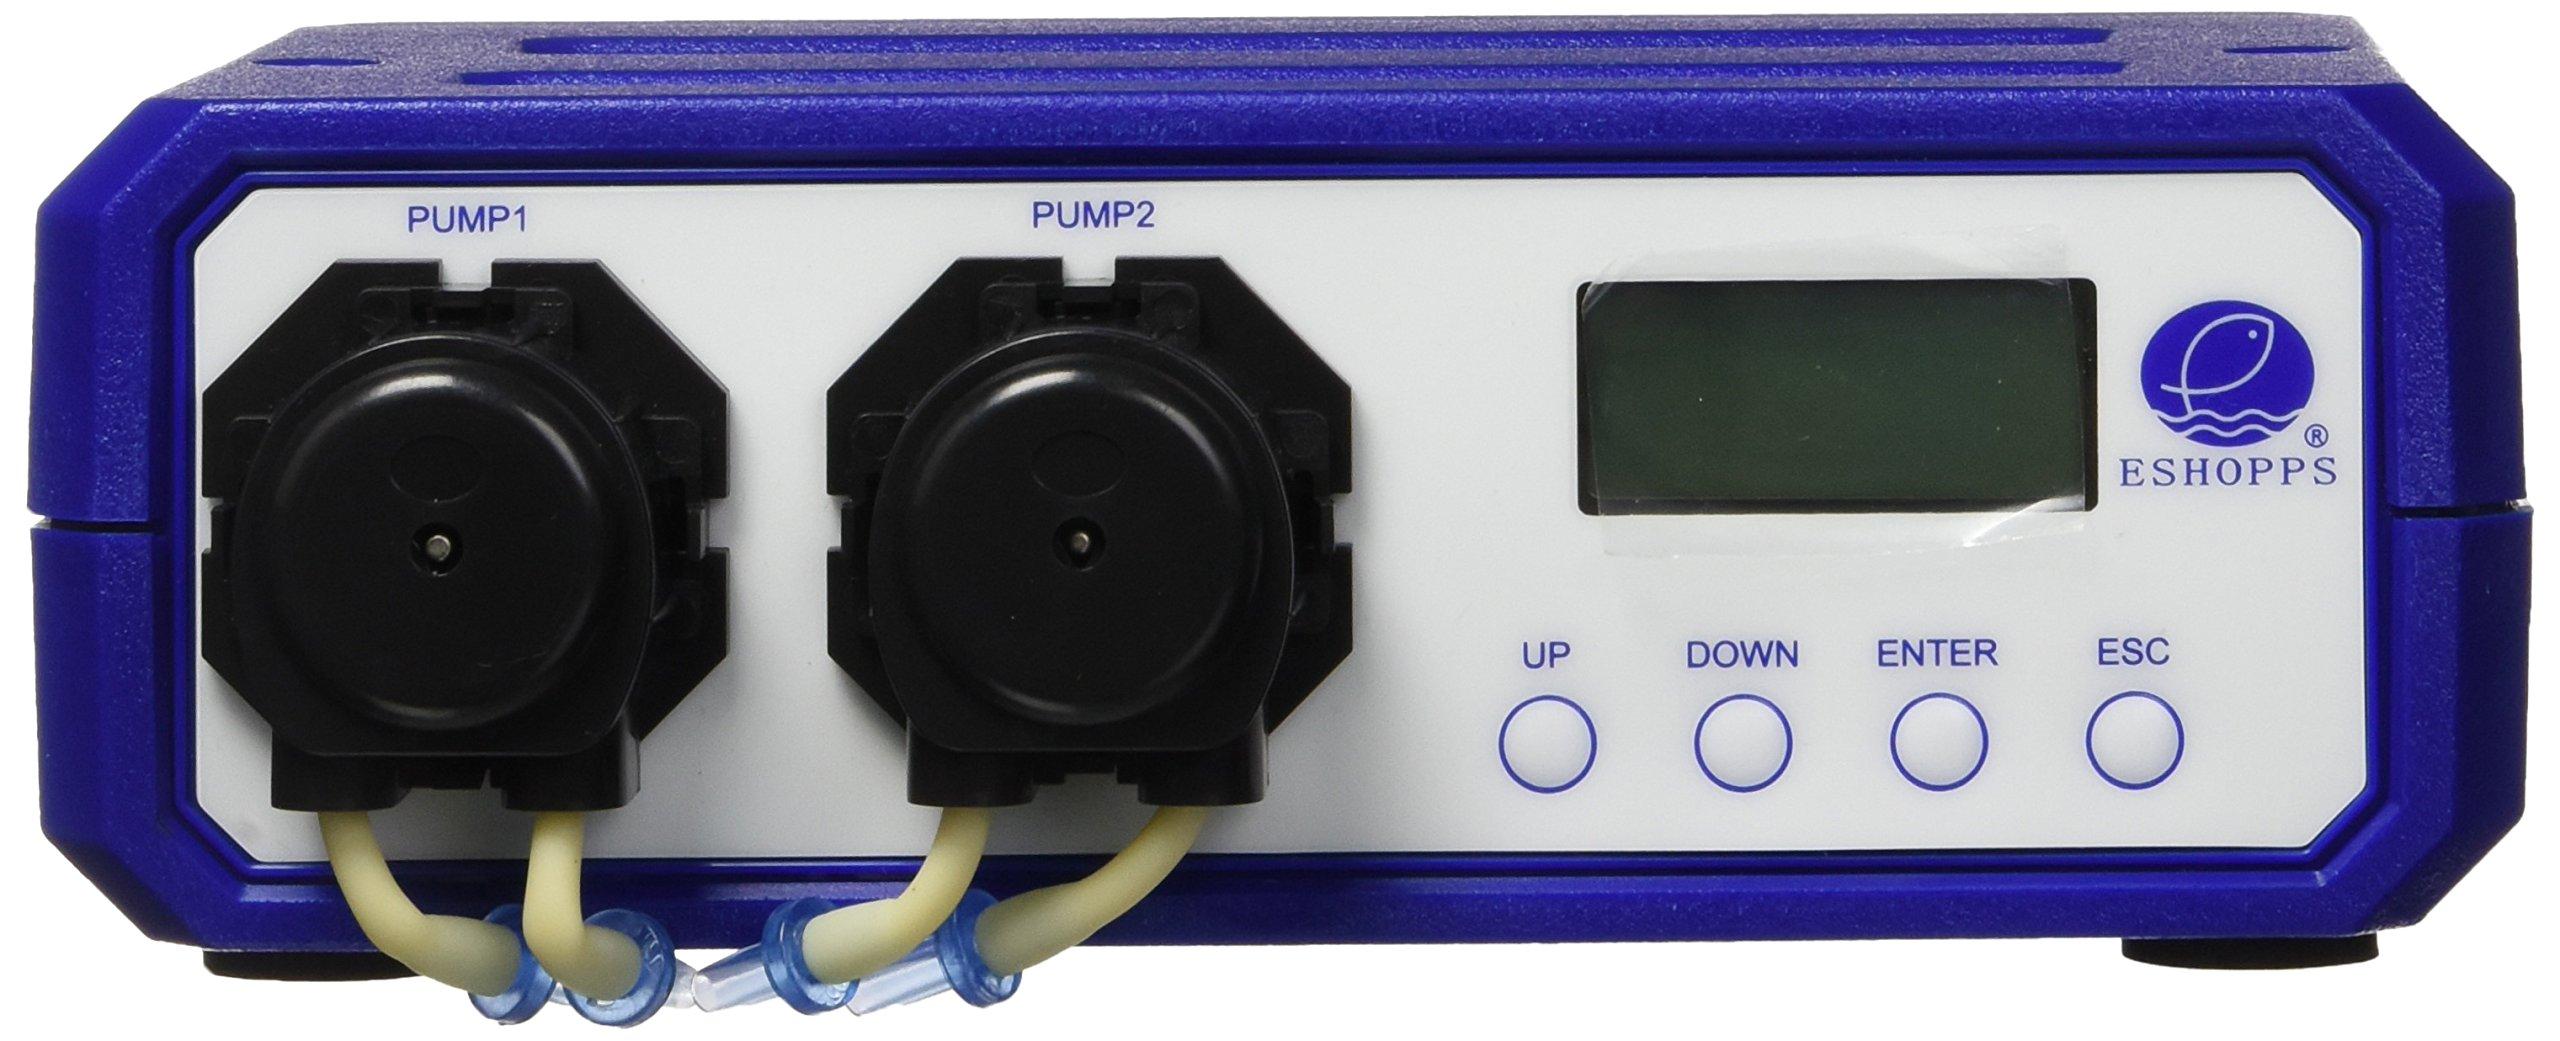 Eshopps Dosing Master Pump by Eshopps Inc.